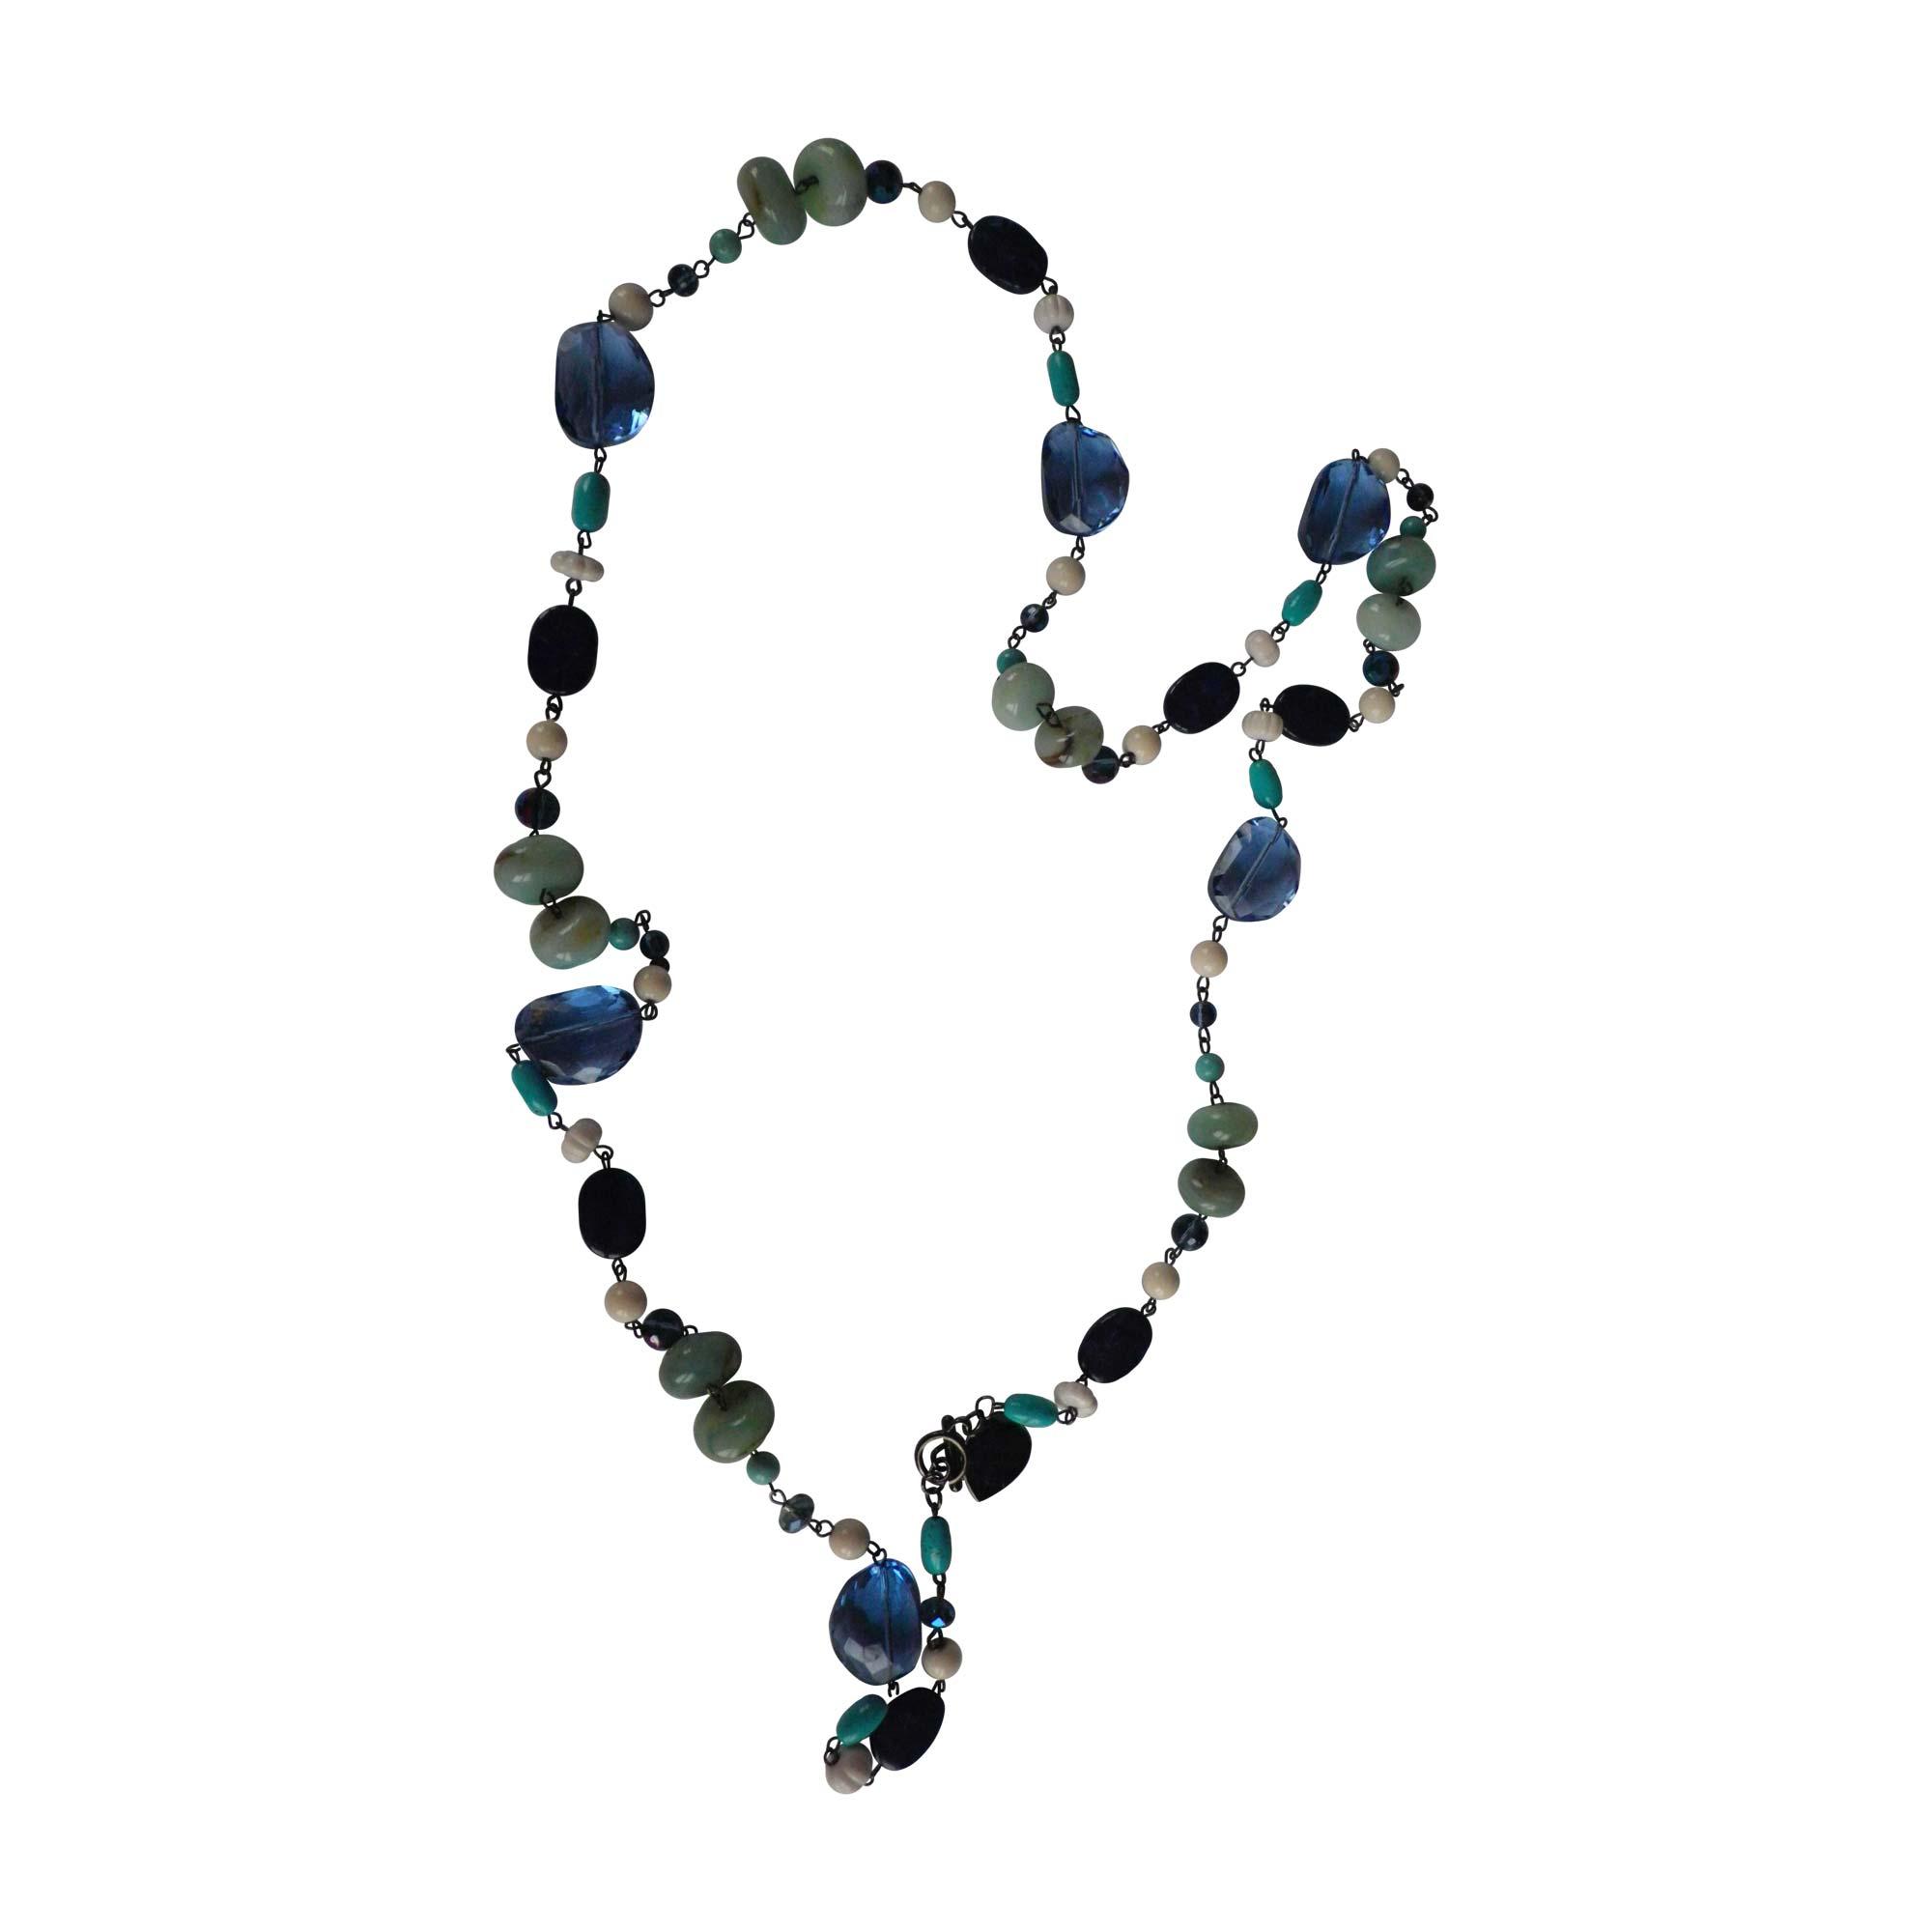 Sautoir FURLA Bleu, bleu marine, bleu turquoise